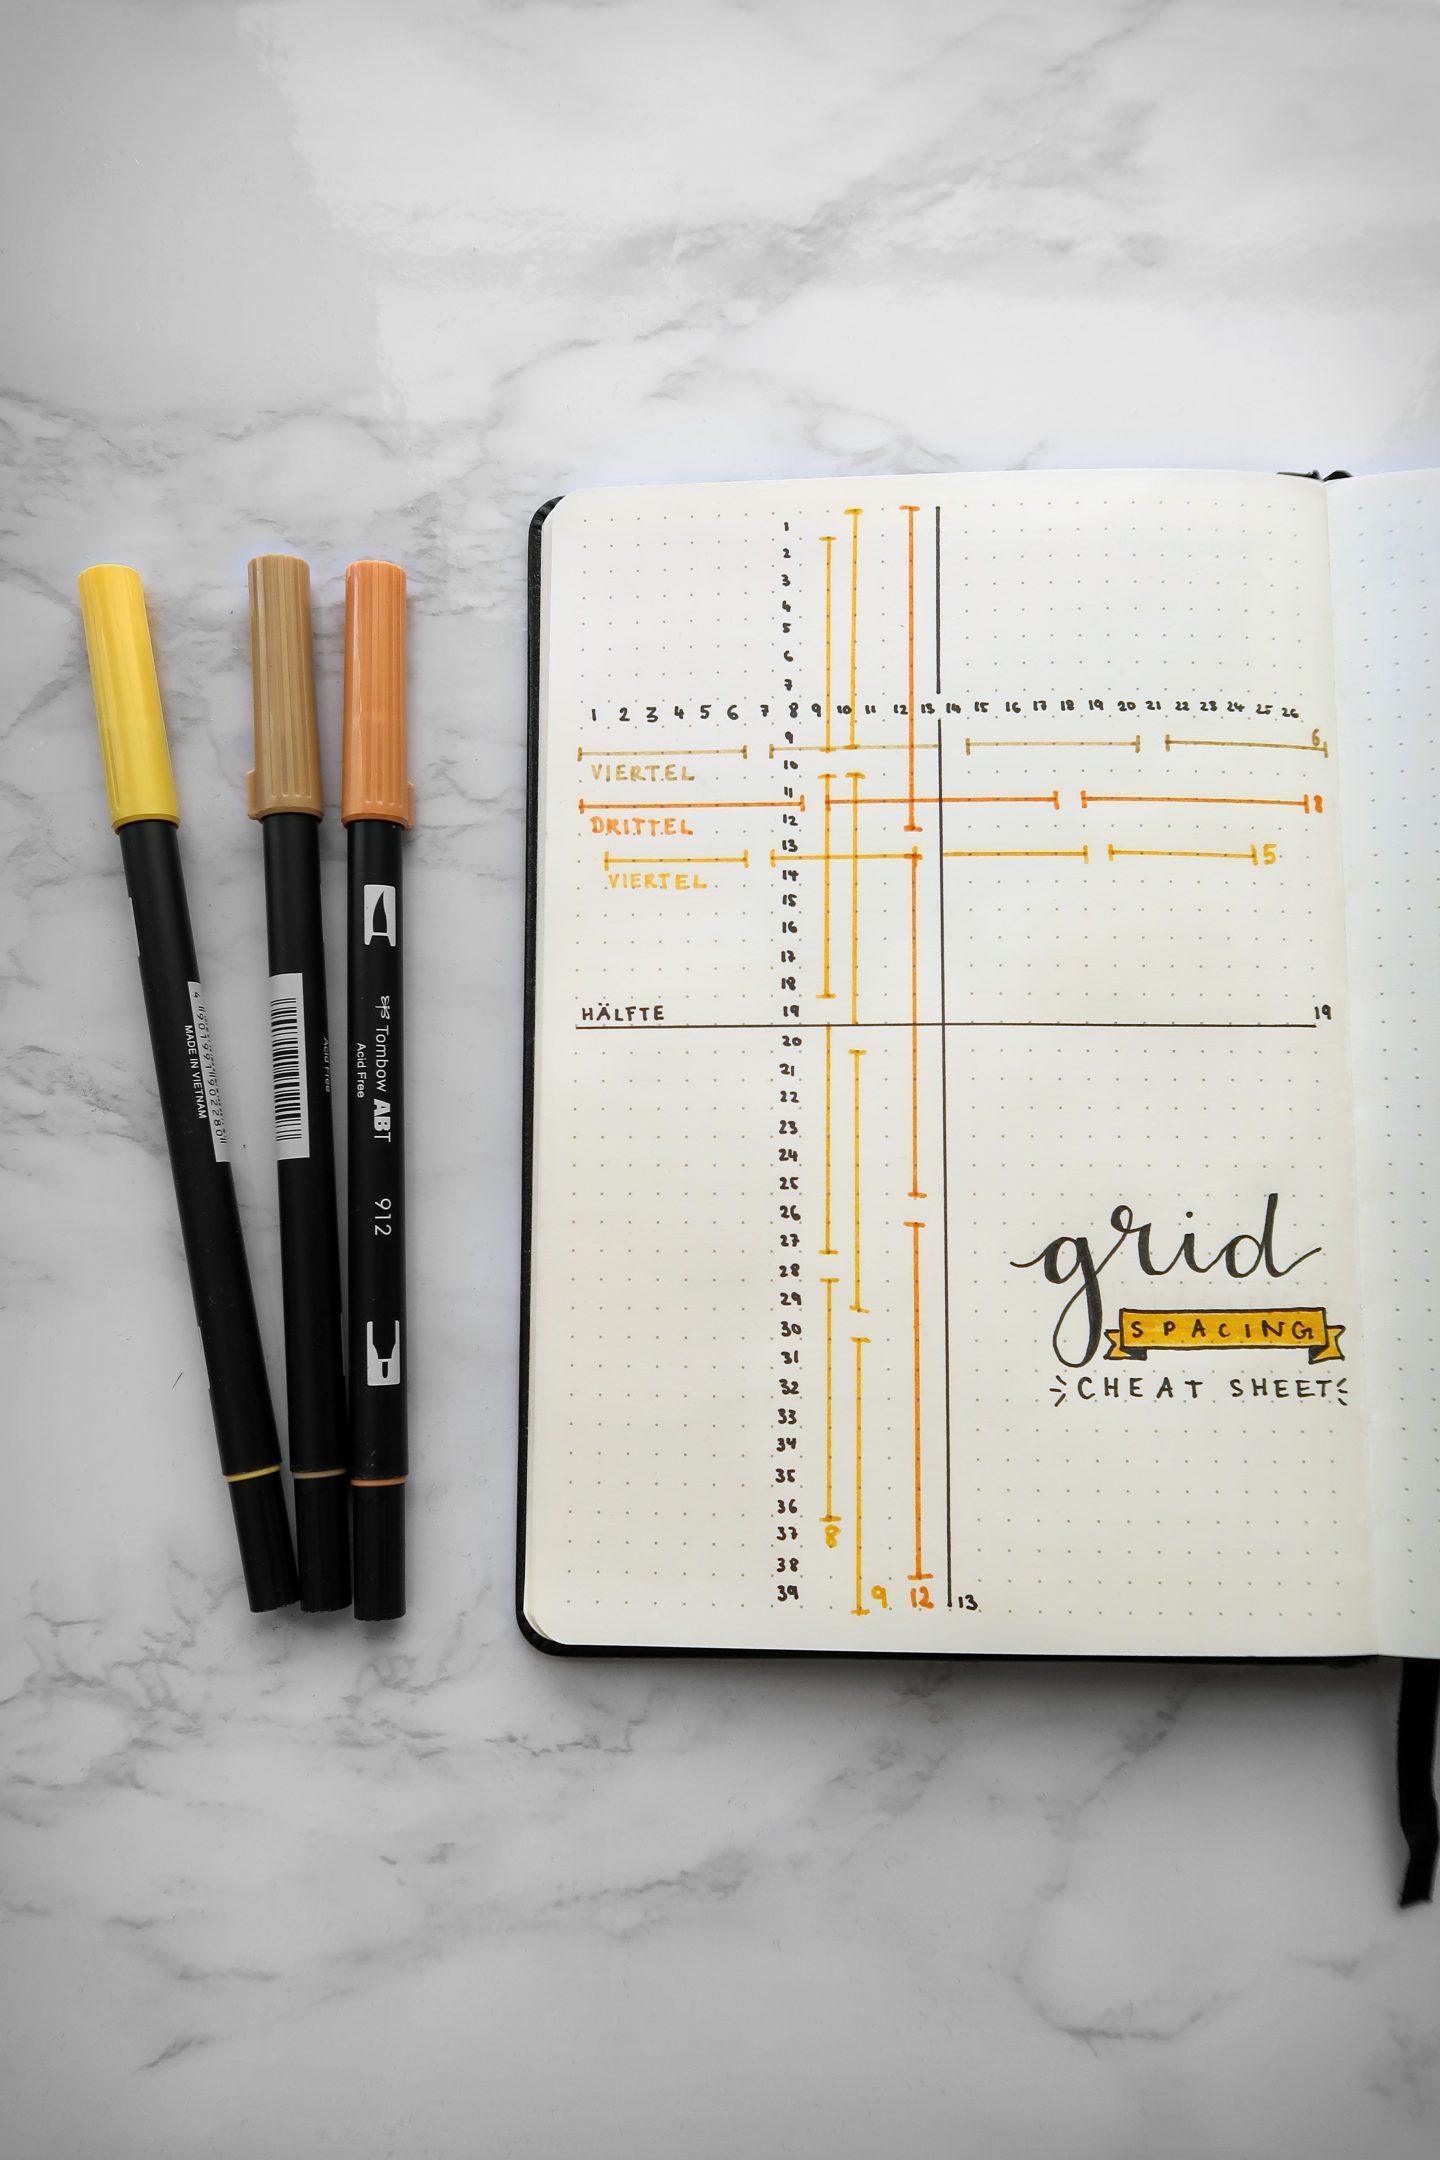 Grid spacing, Buch, Stifte